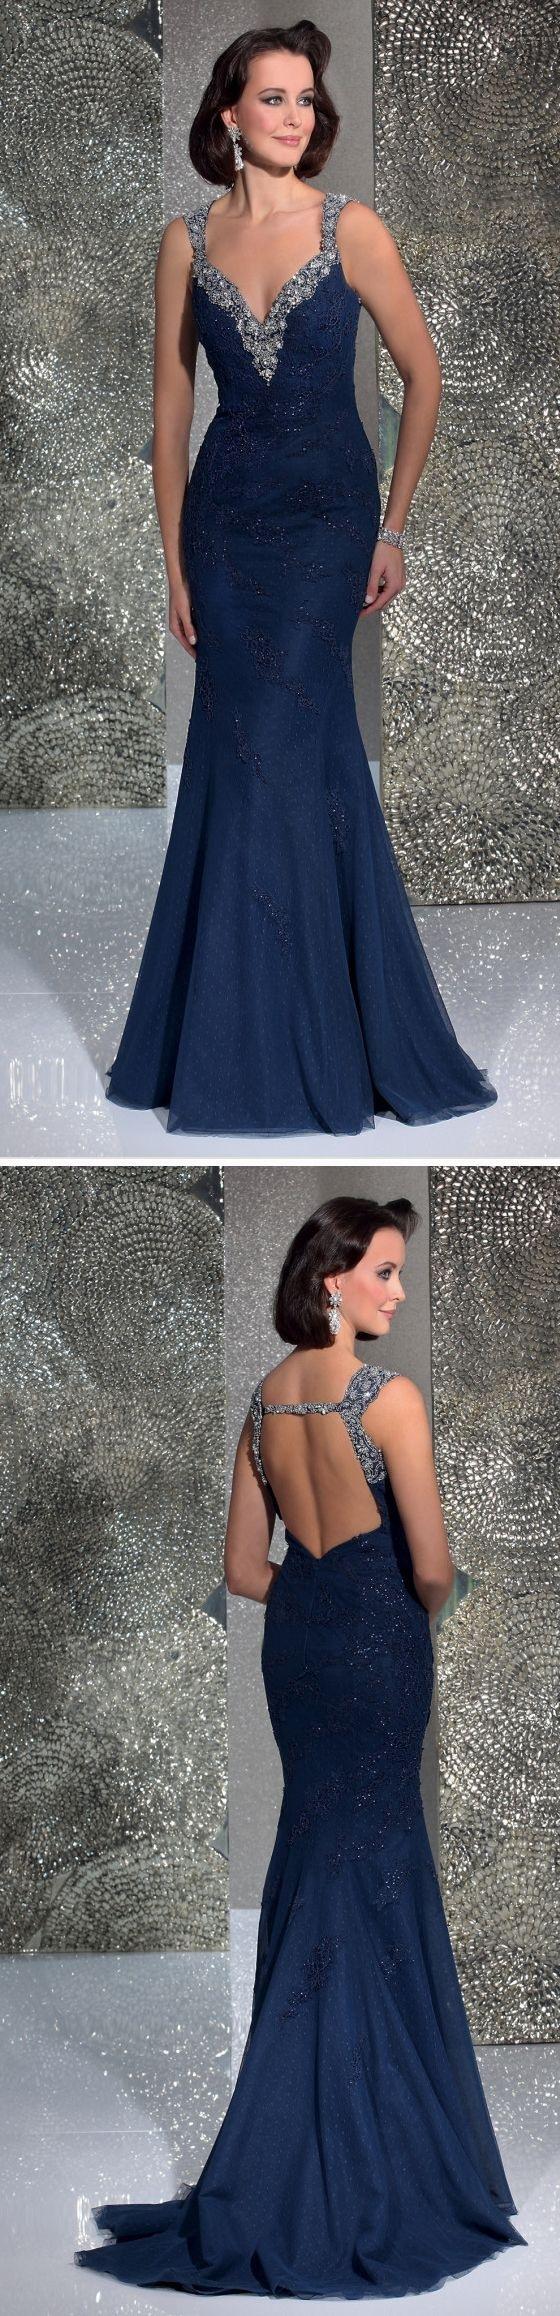 Designer Luxus Sehr Elegante Abendkleider für 201920 Genial Sehr Elegante Abendkleider Galerie